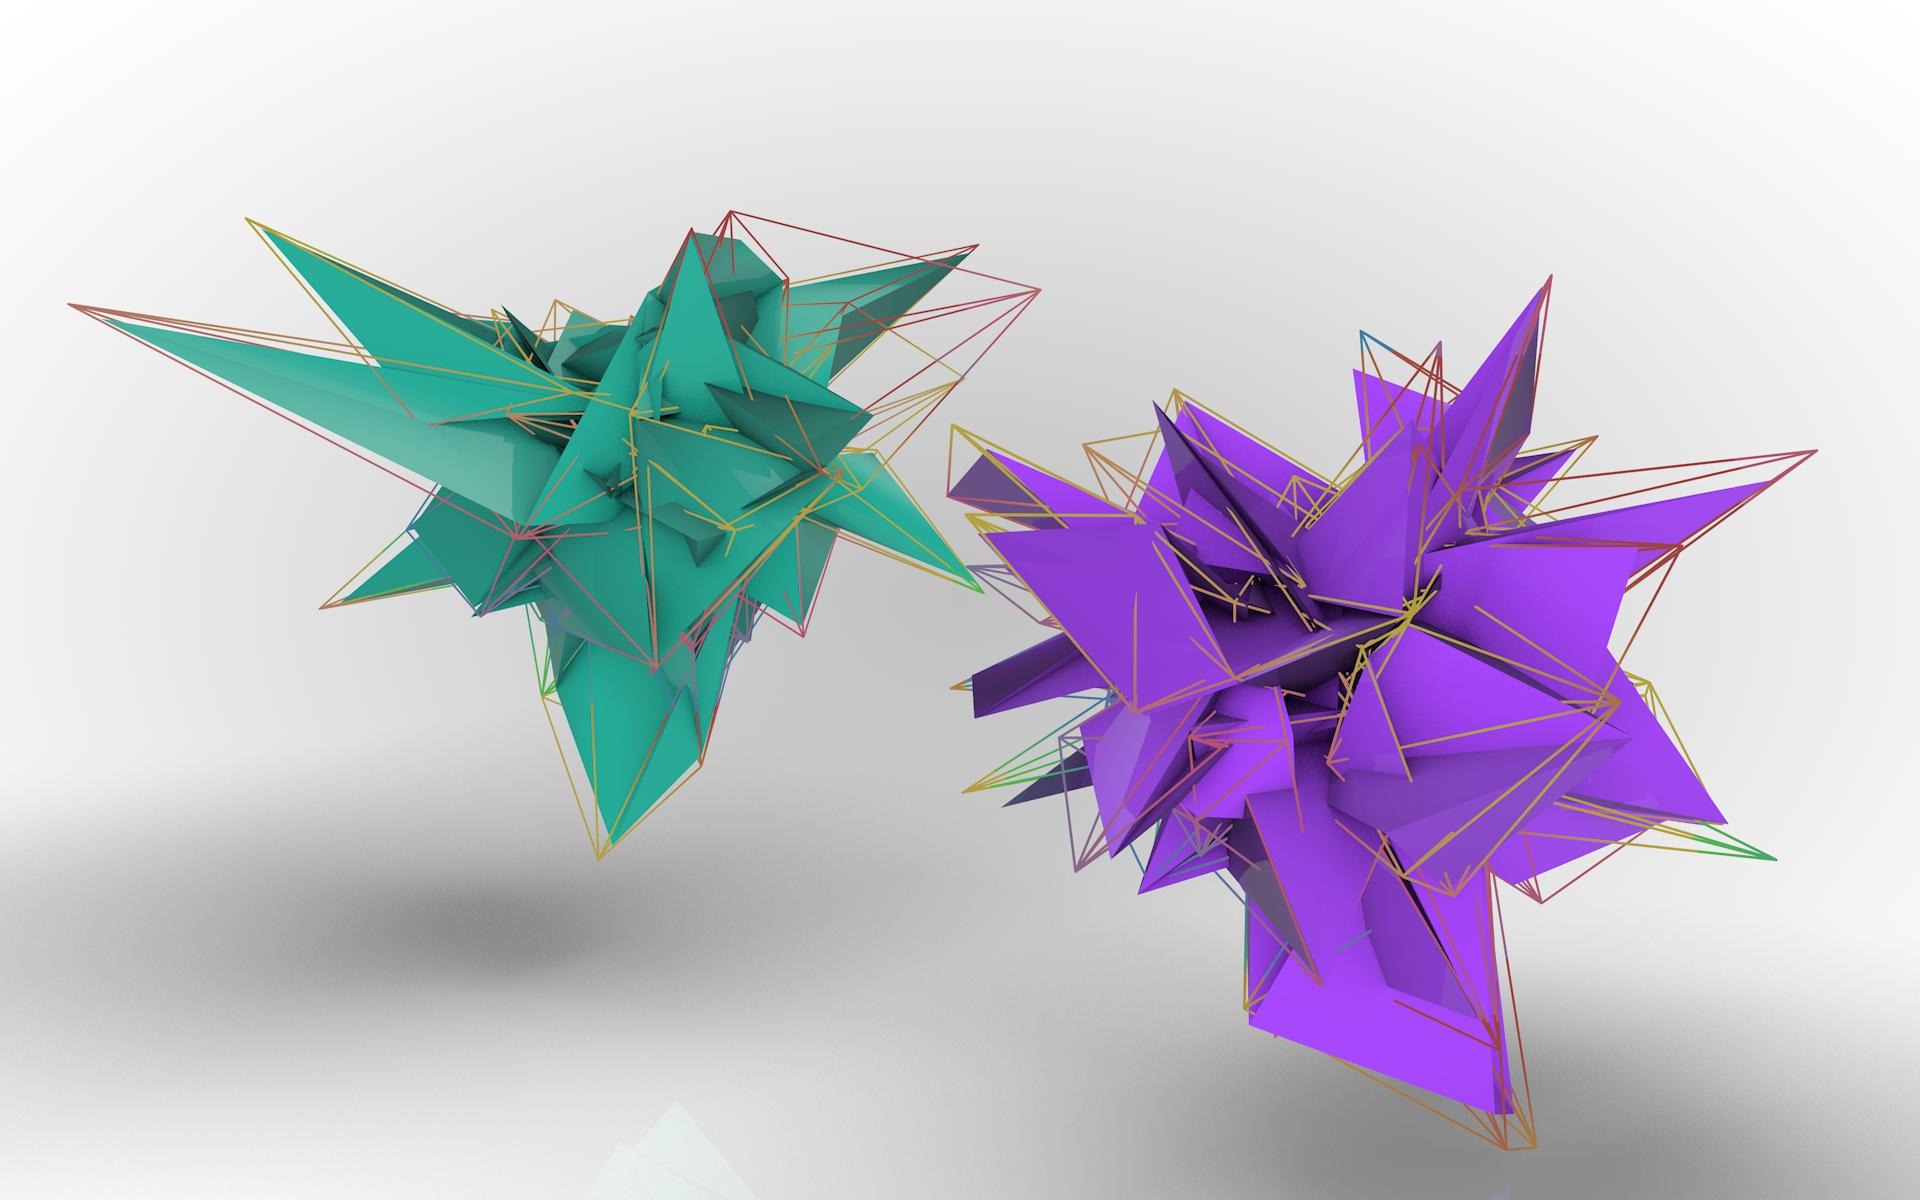 Geometry Explosion_5 NICE.jpg